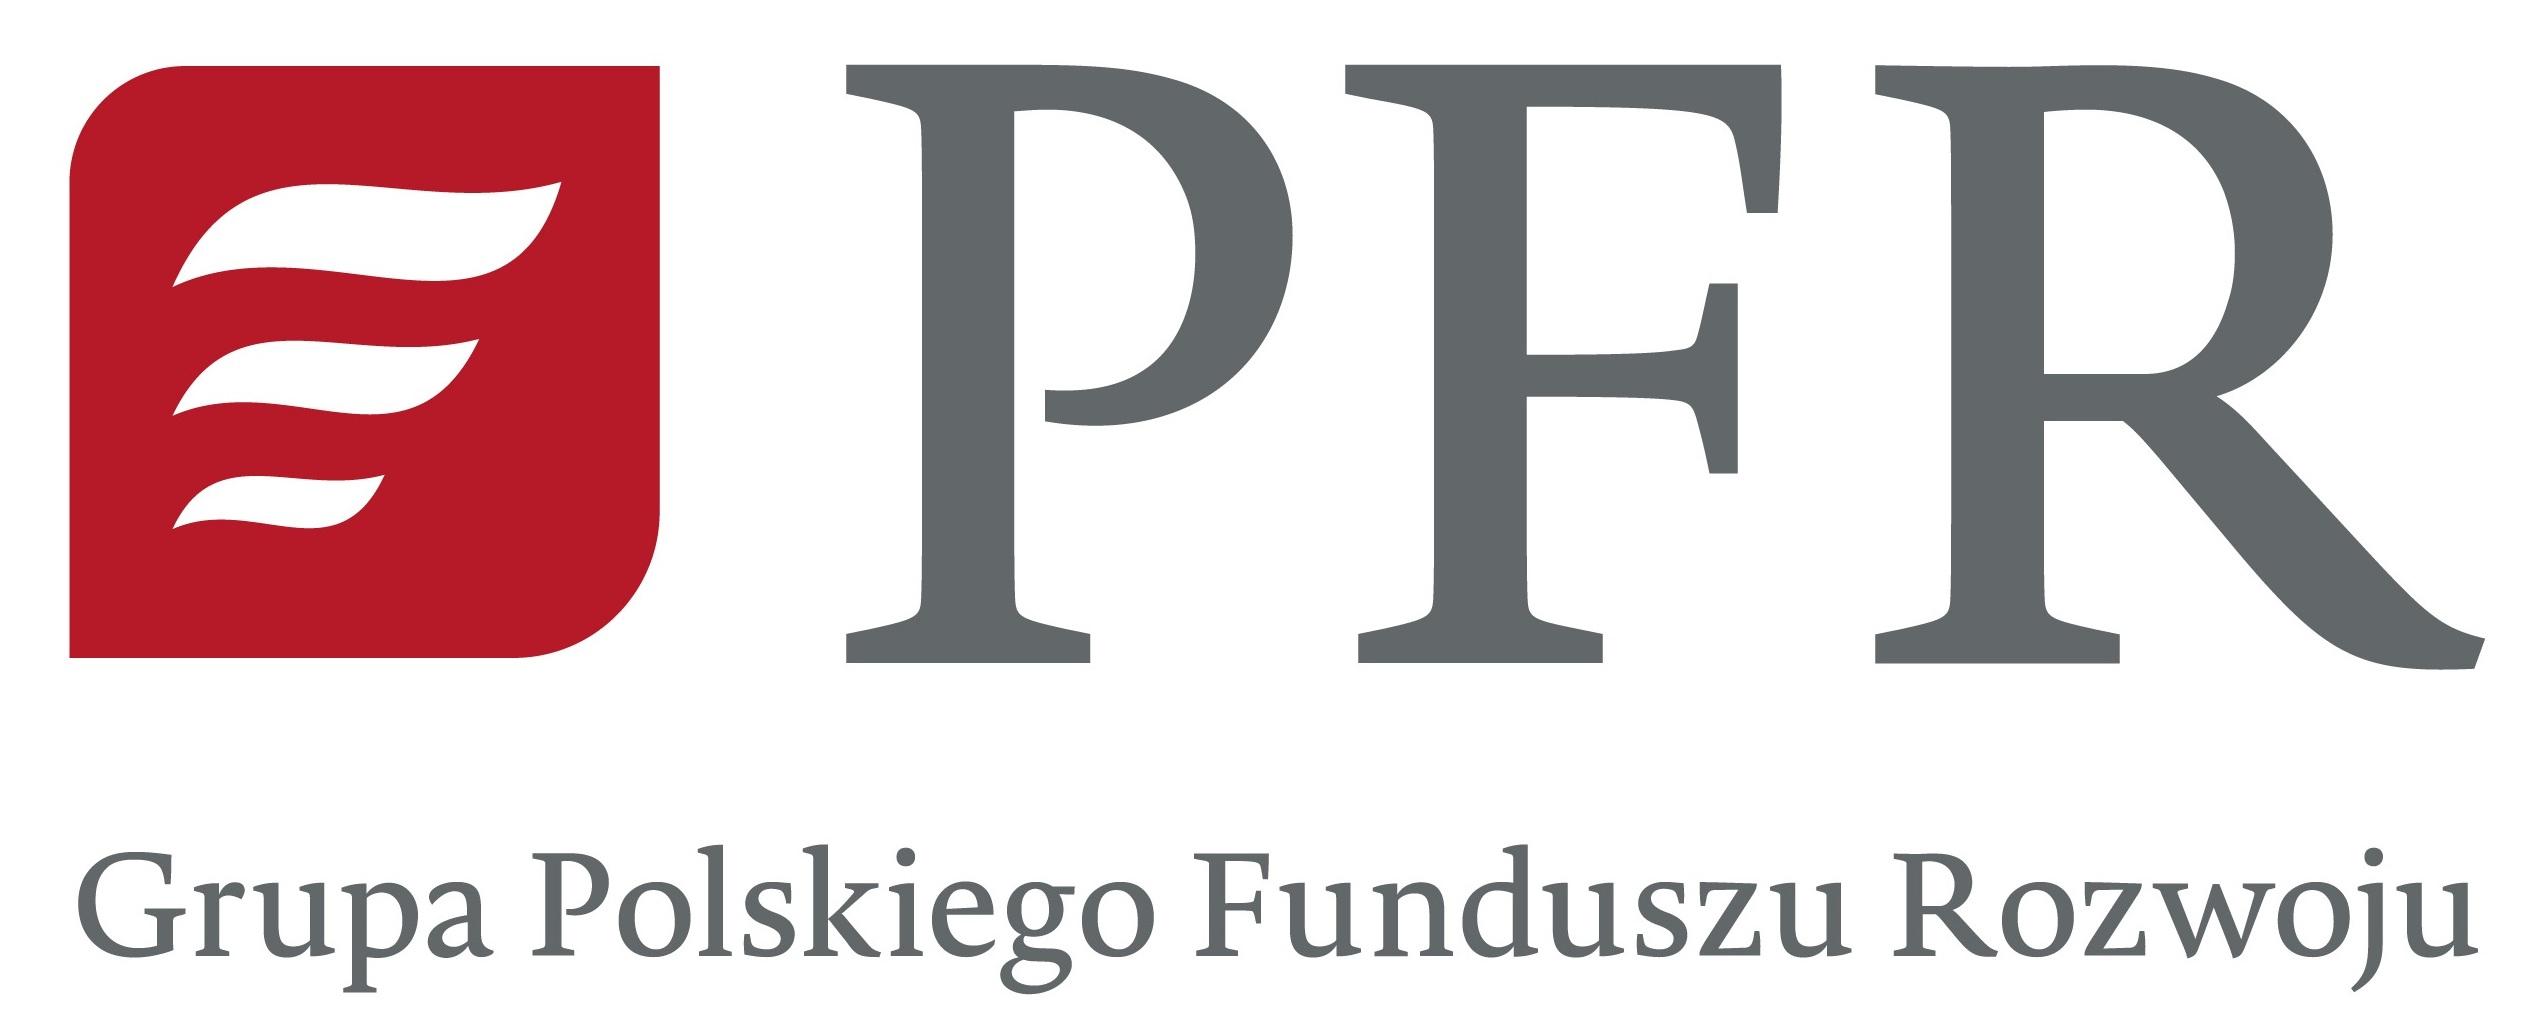 Polski Fundusz Rozwoju (PFR)